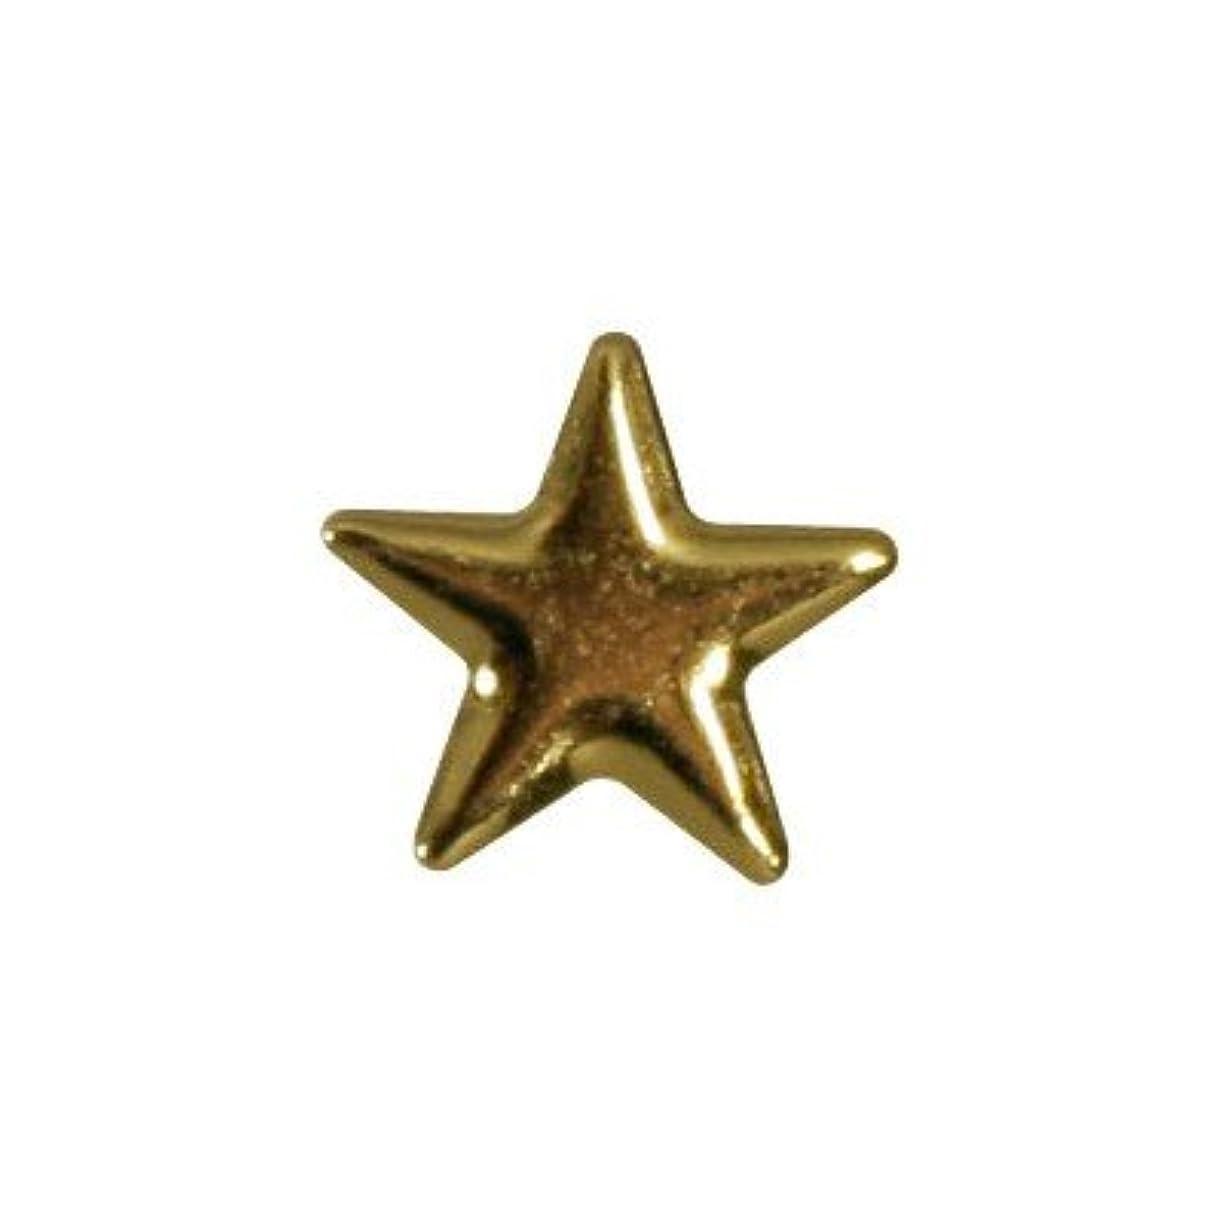 評価可能遅い意義ピアドラ スタッズ メタルスター 5mm 30P ゴールド